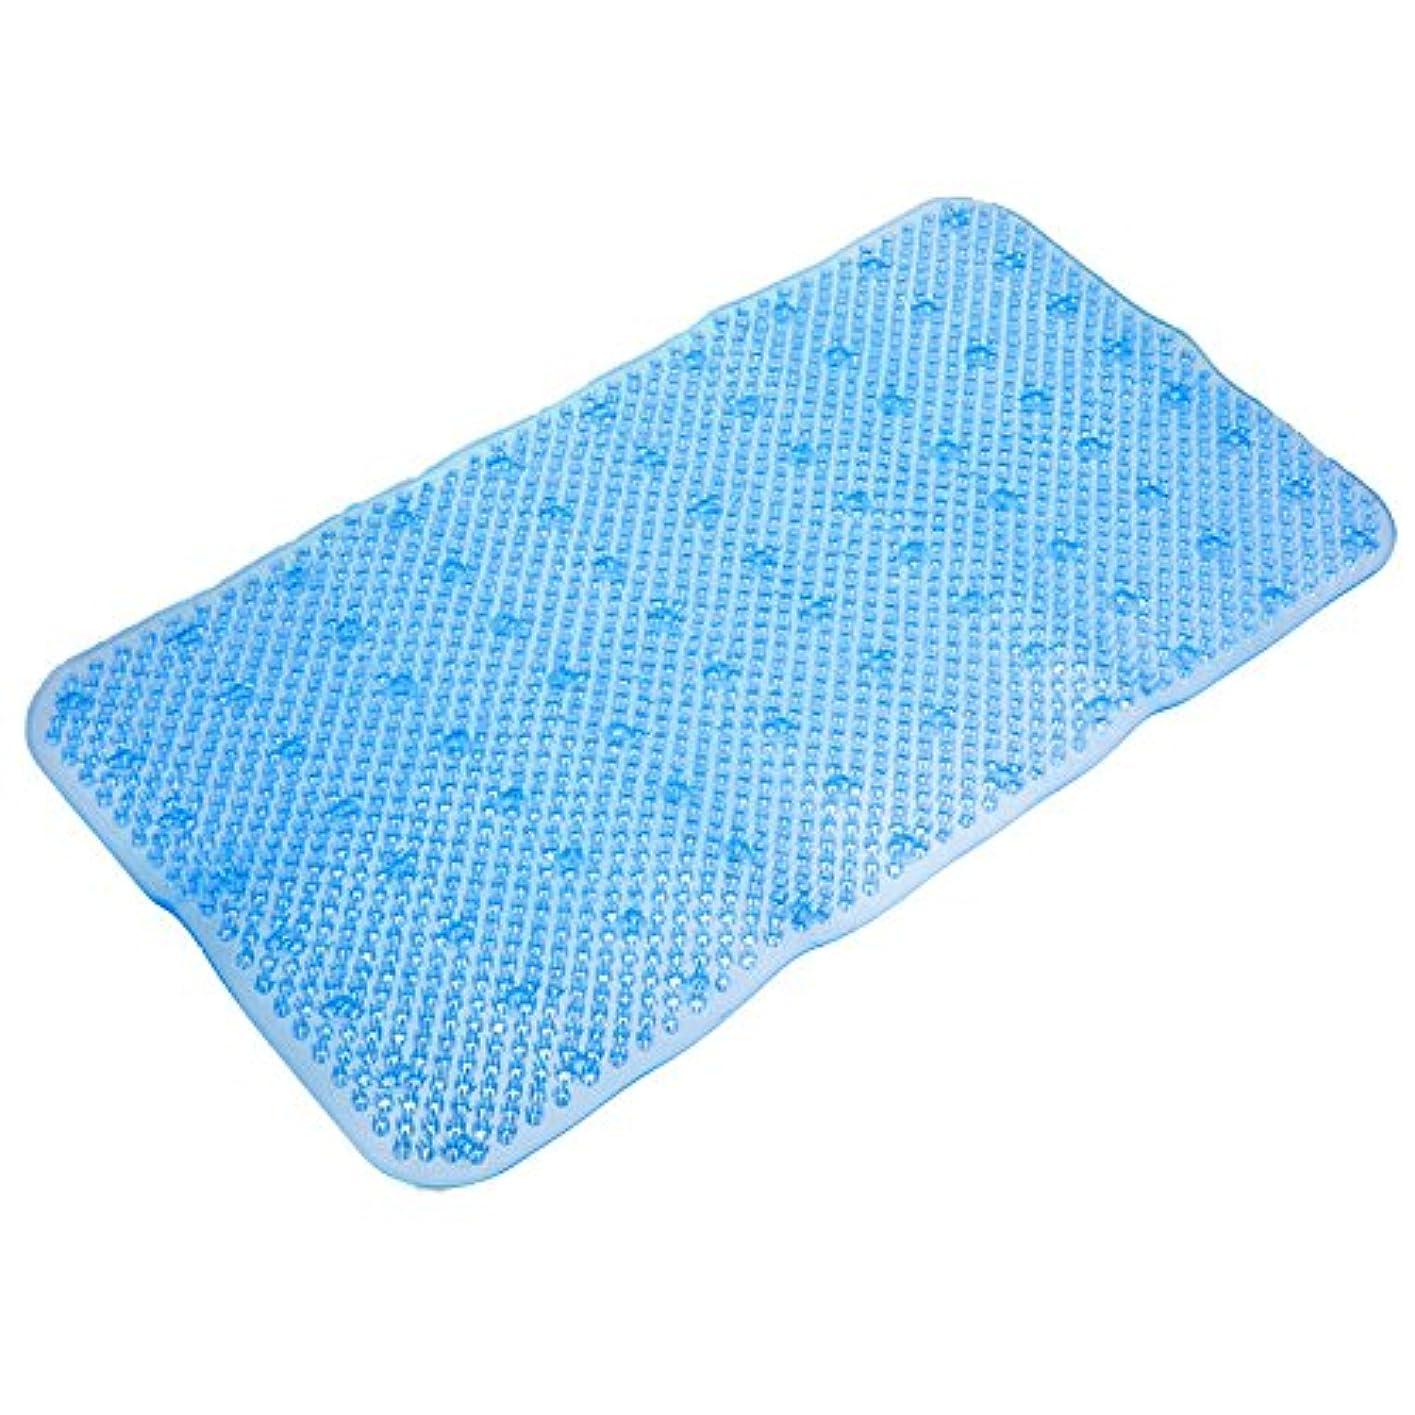 証明シャット威信便利な pvc 34 × 64 センチ非スリップ風呂浴室シャワー トイレ アンチスリップフロアマット吸引吸盤パッド足マッサージ の敷物5色-青い